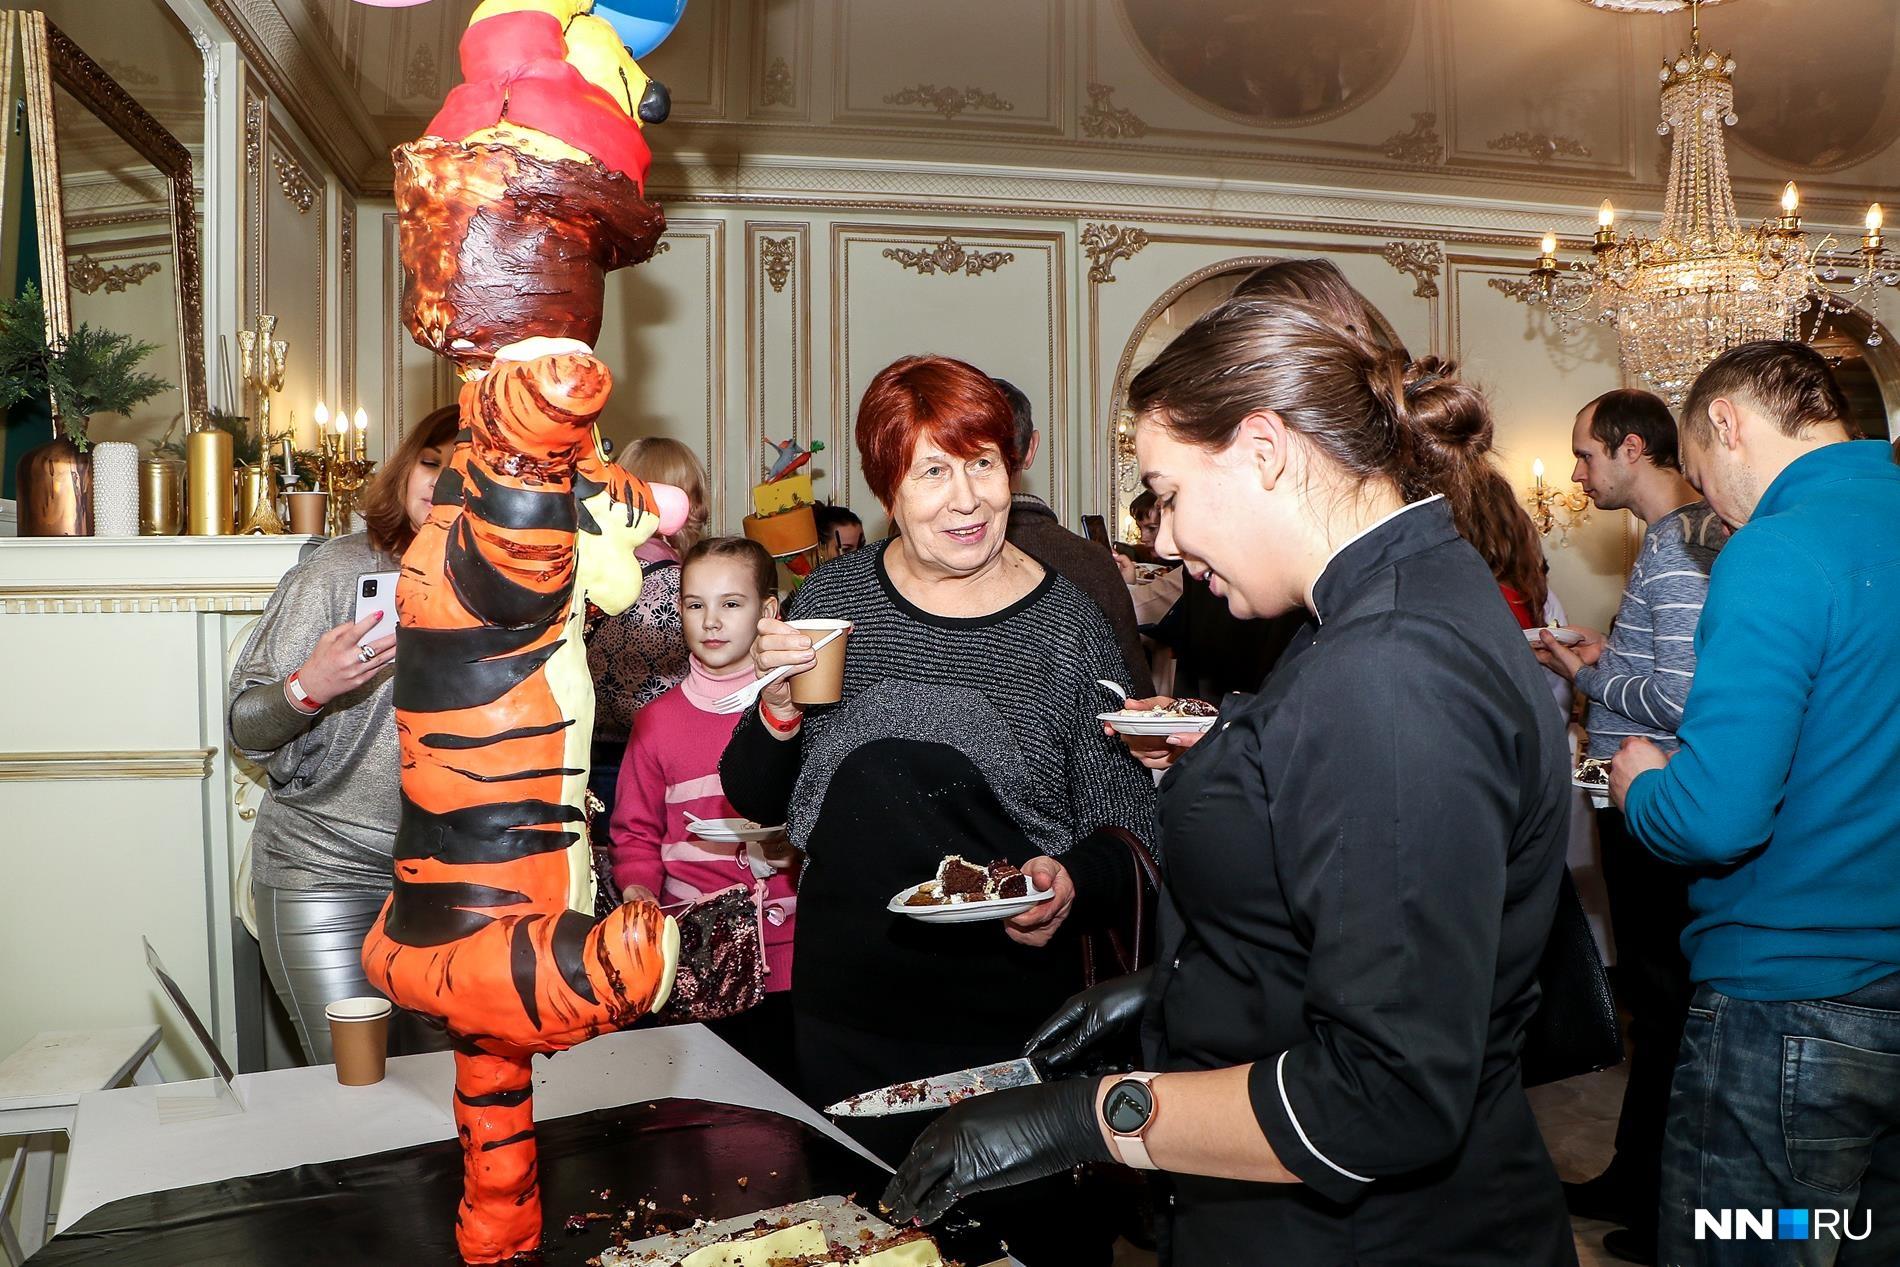 Мы вам не показываем, но на самом деле дамы едят пузико Тигры